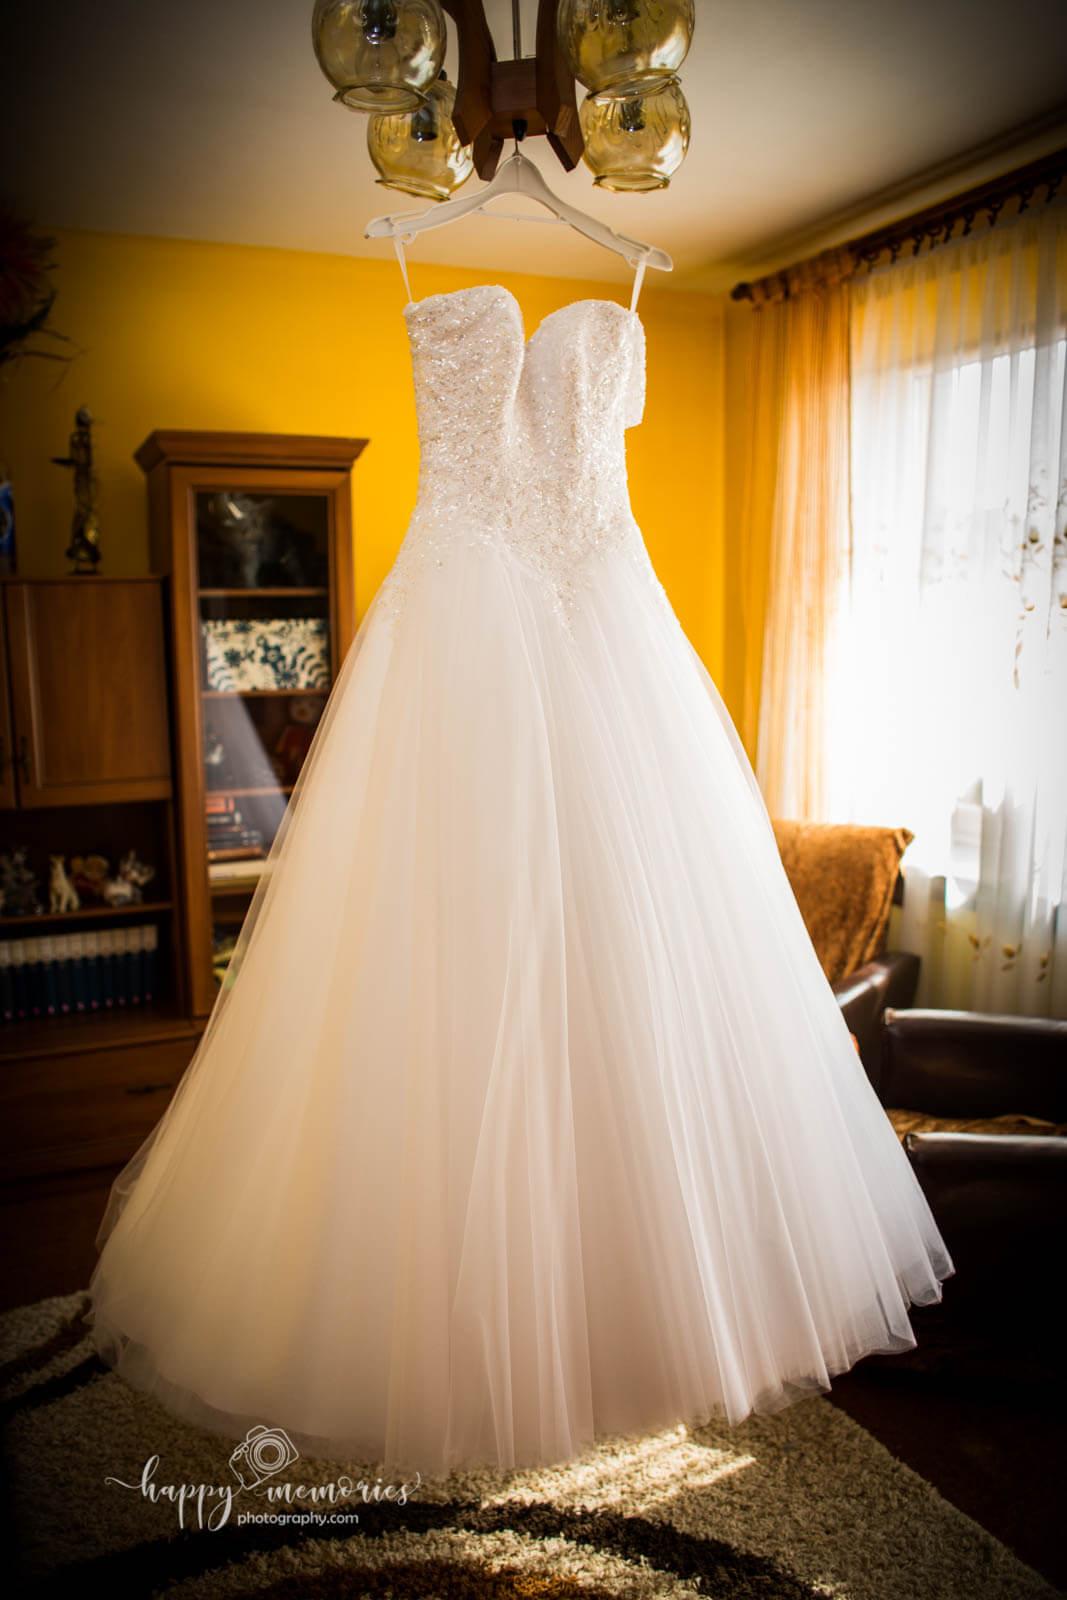 Wedding photographer Horsham-14